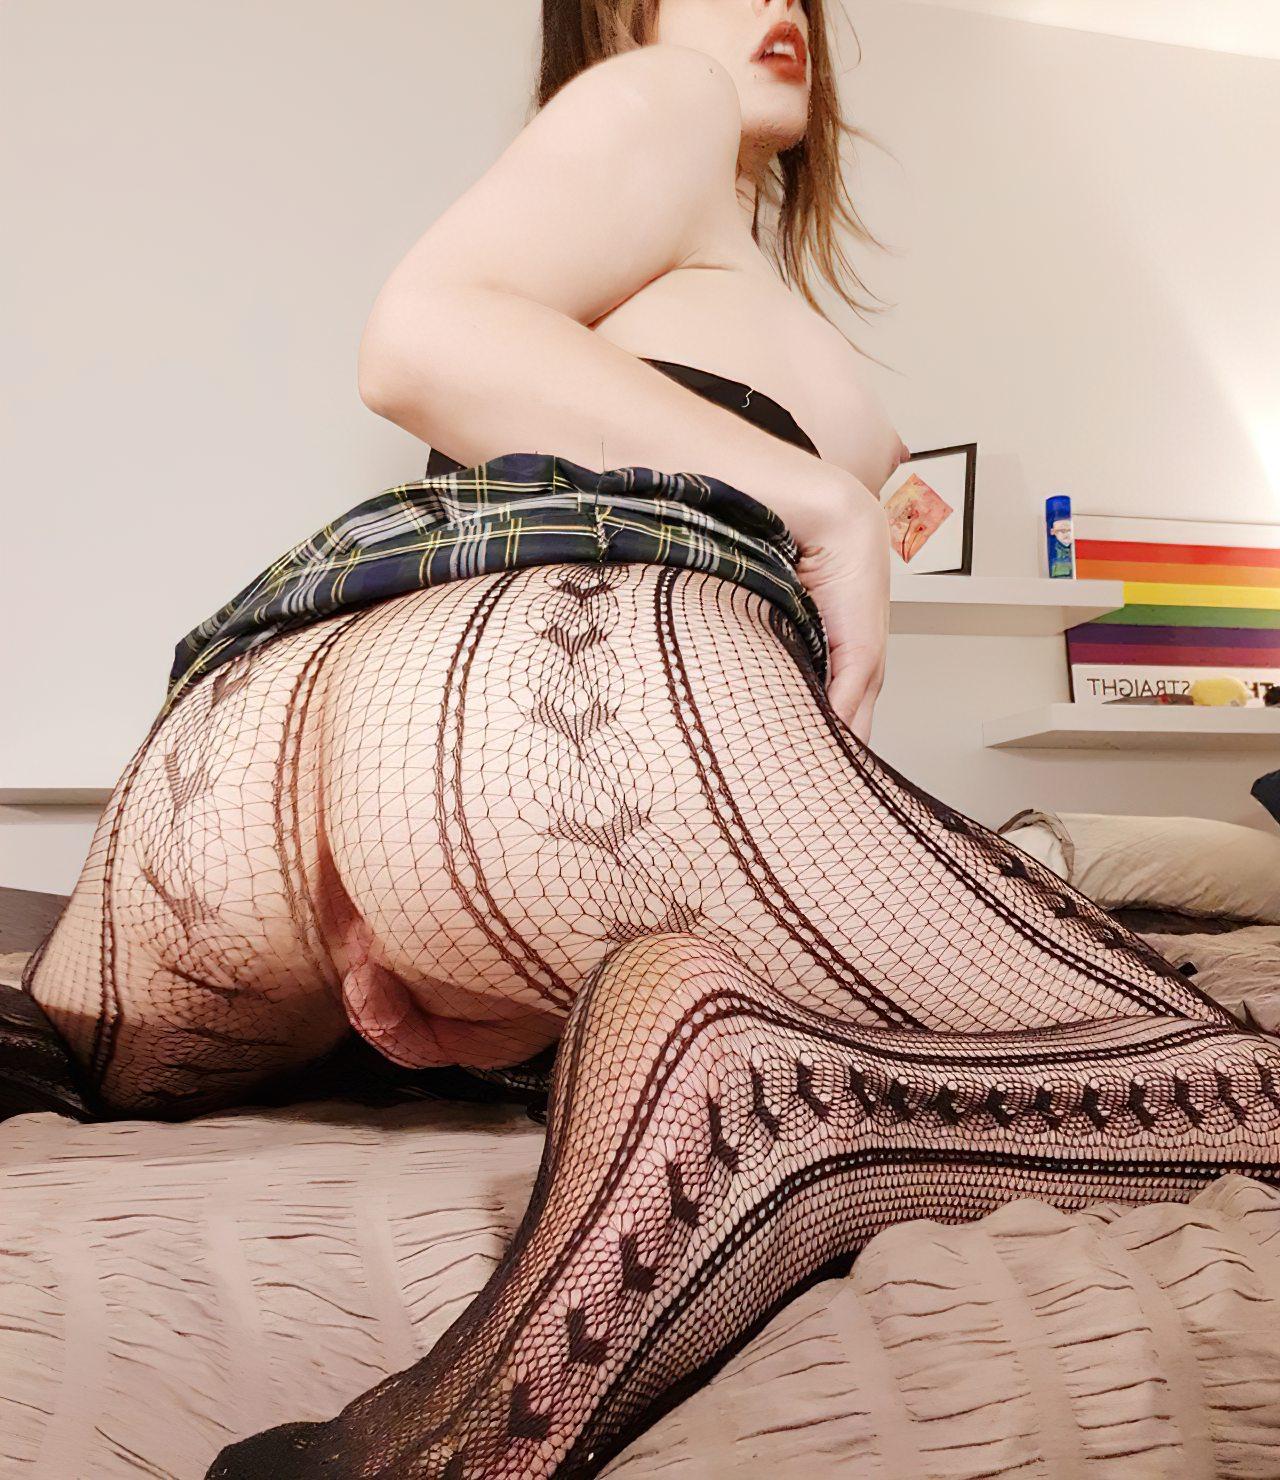 Fotos de Travestis Peladas (28)